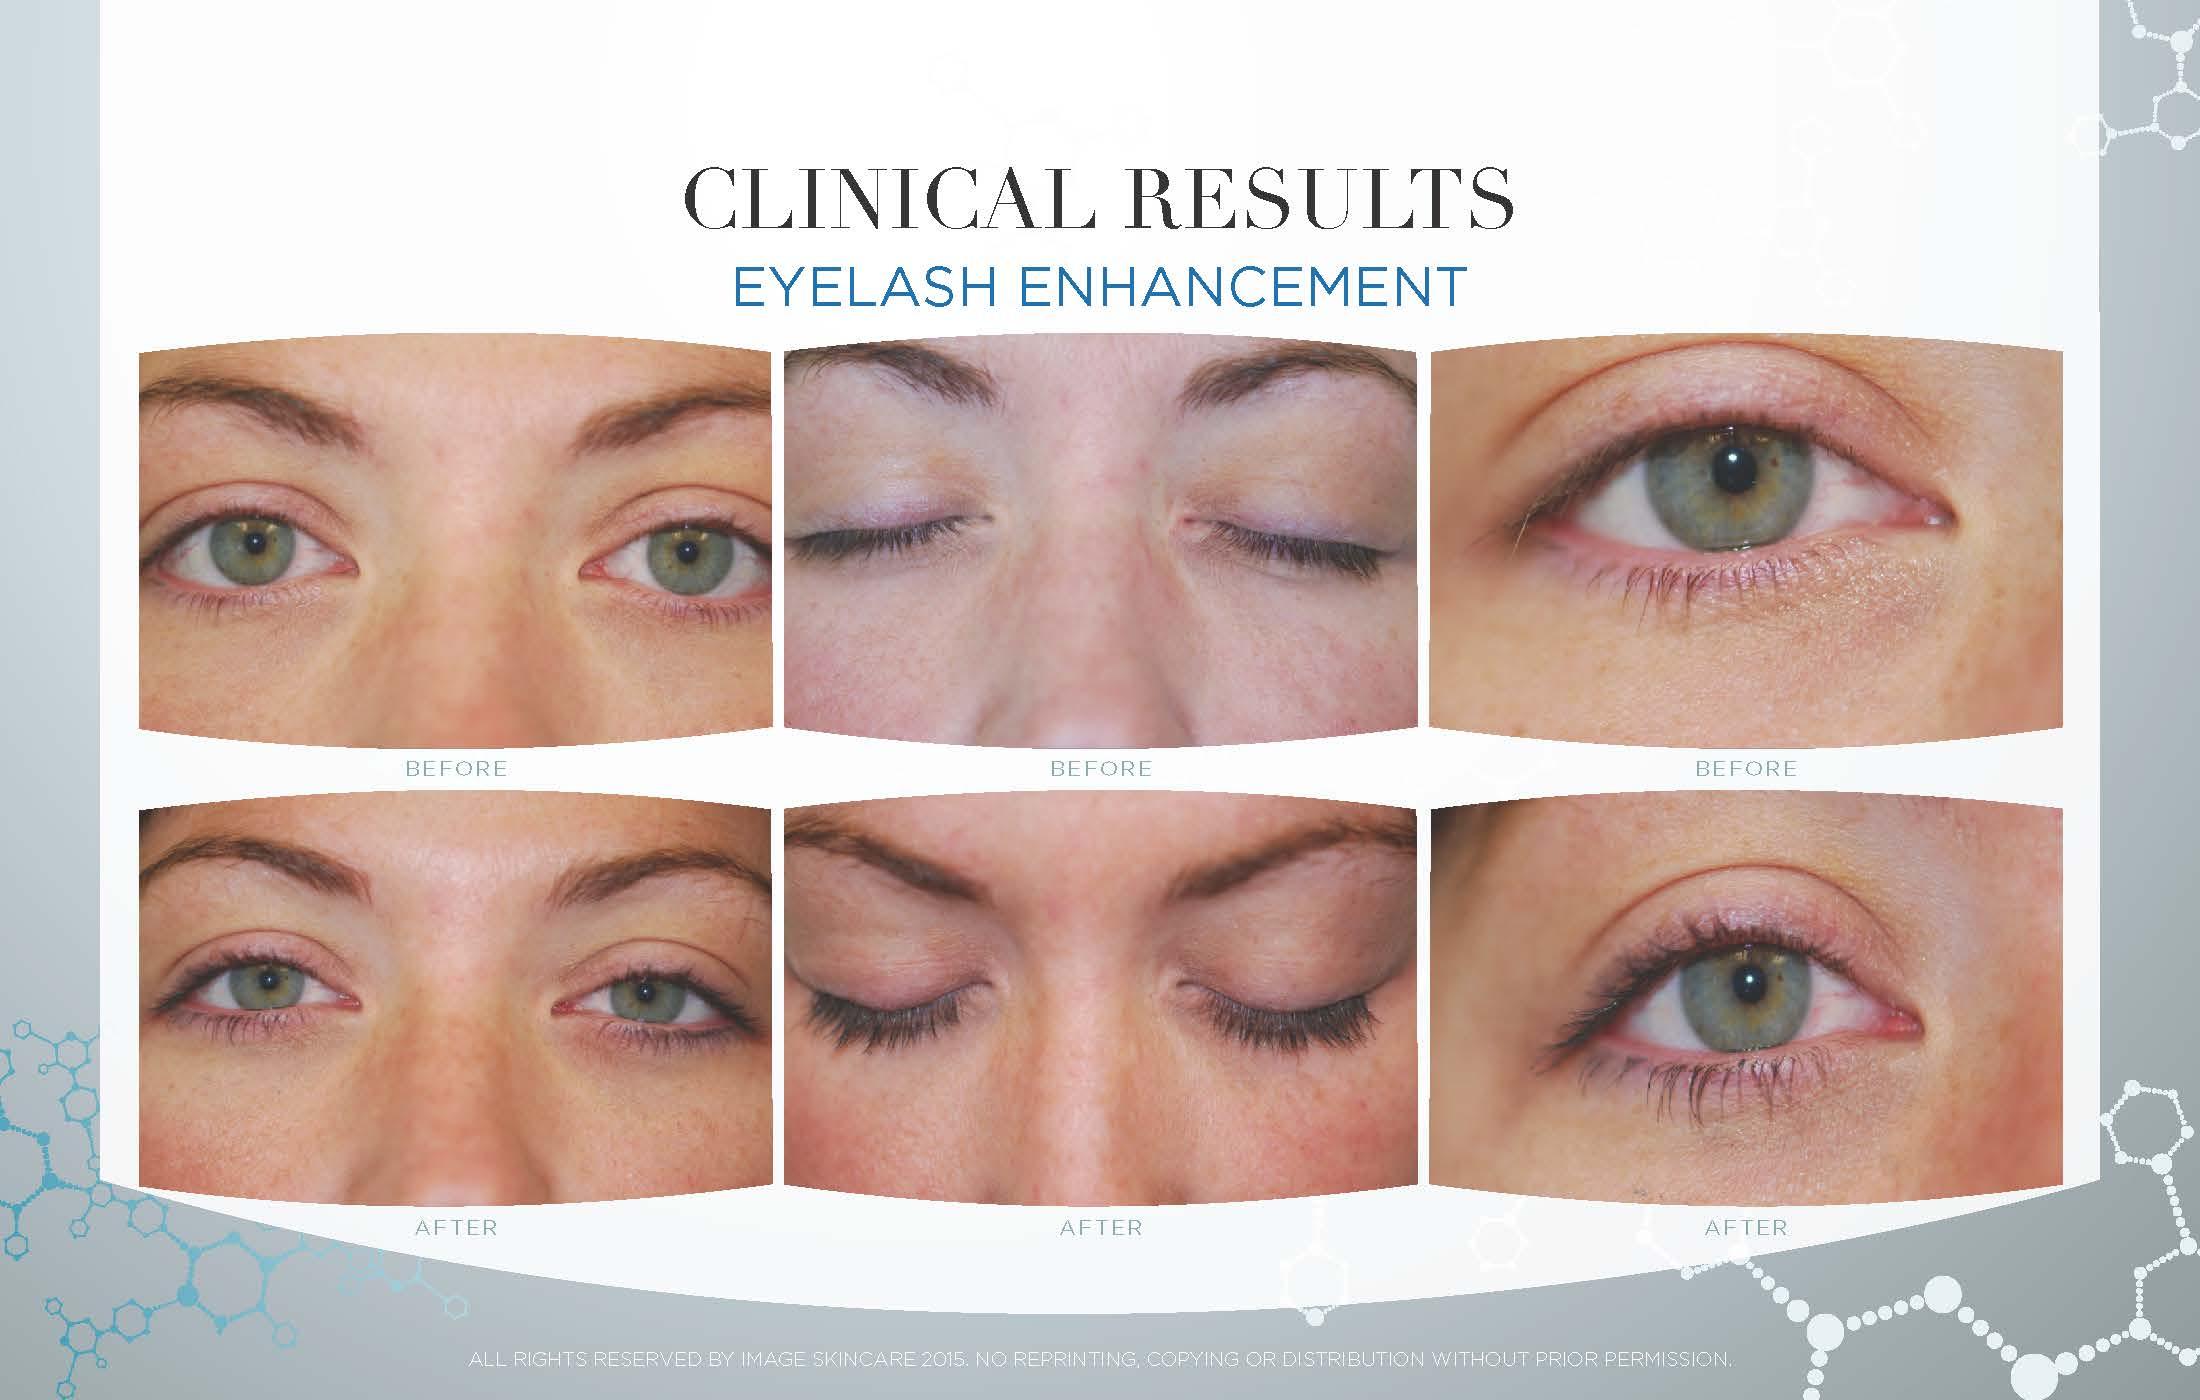 Eyelash Results